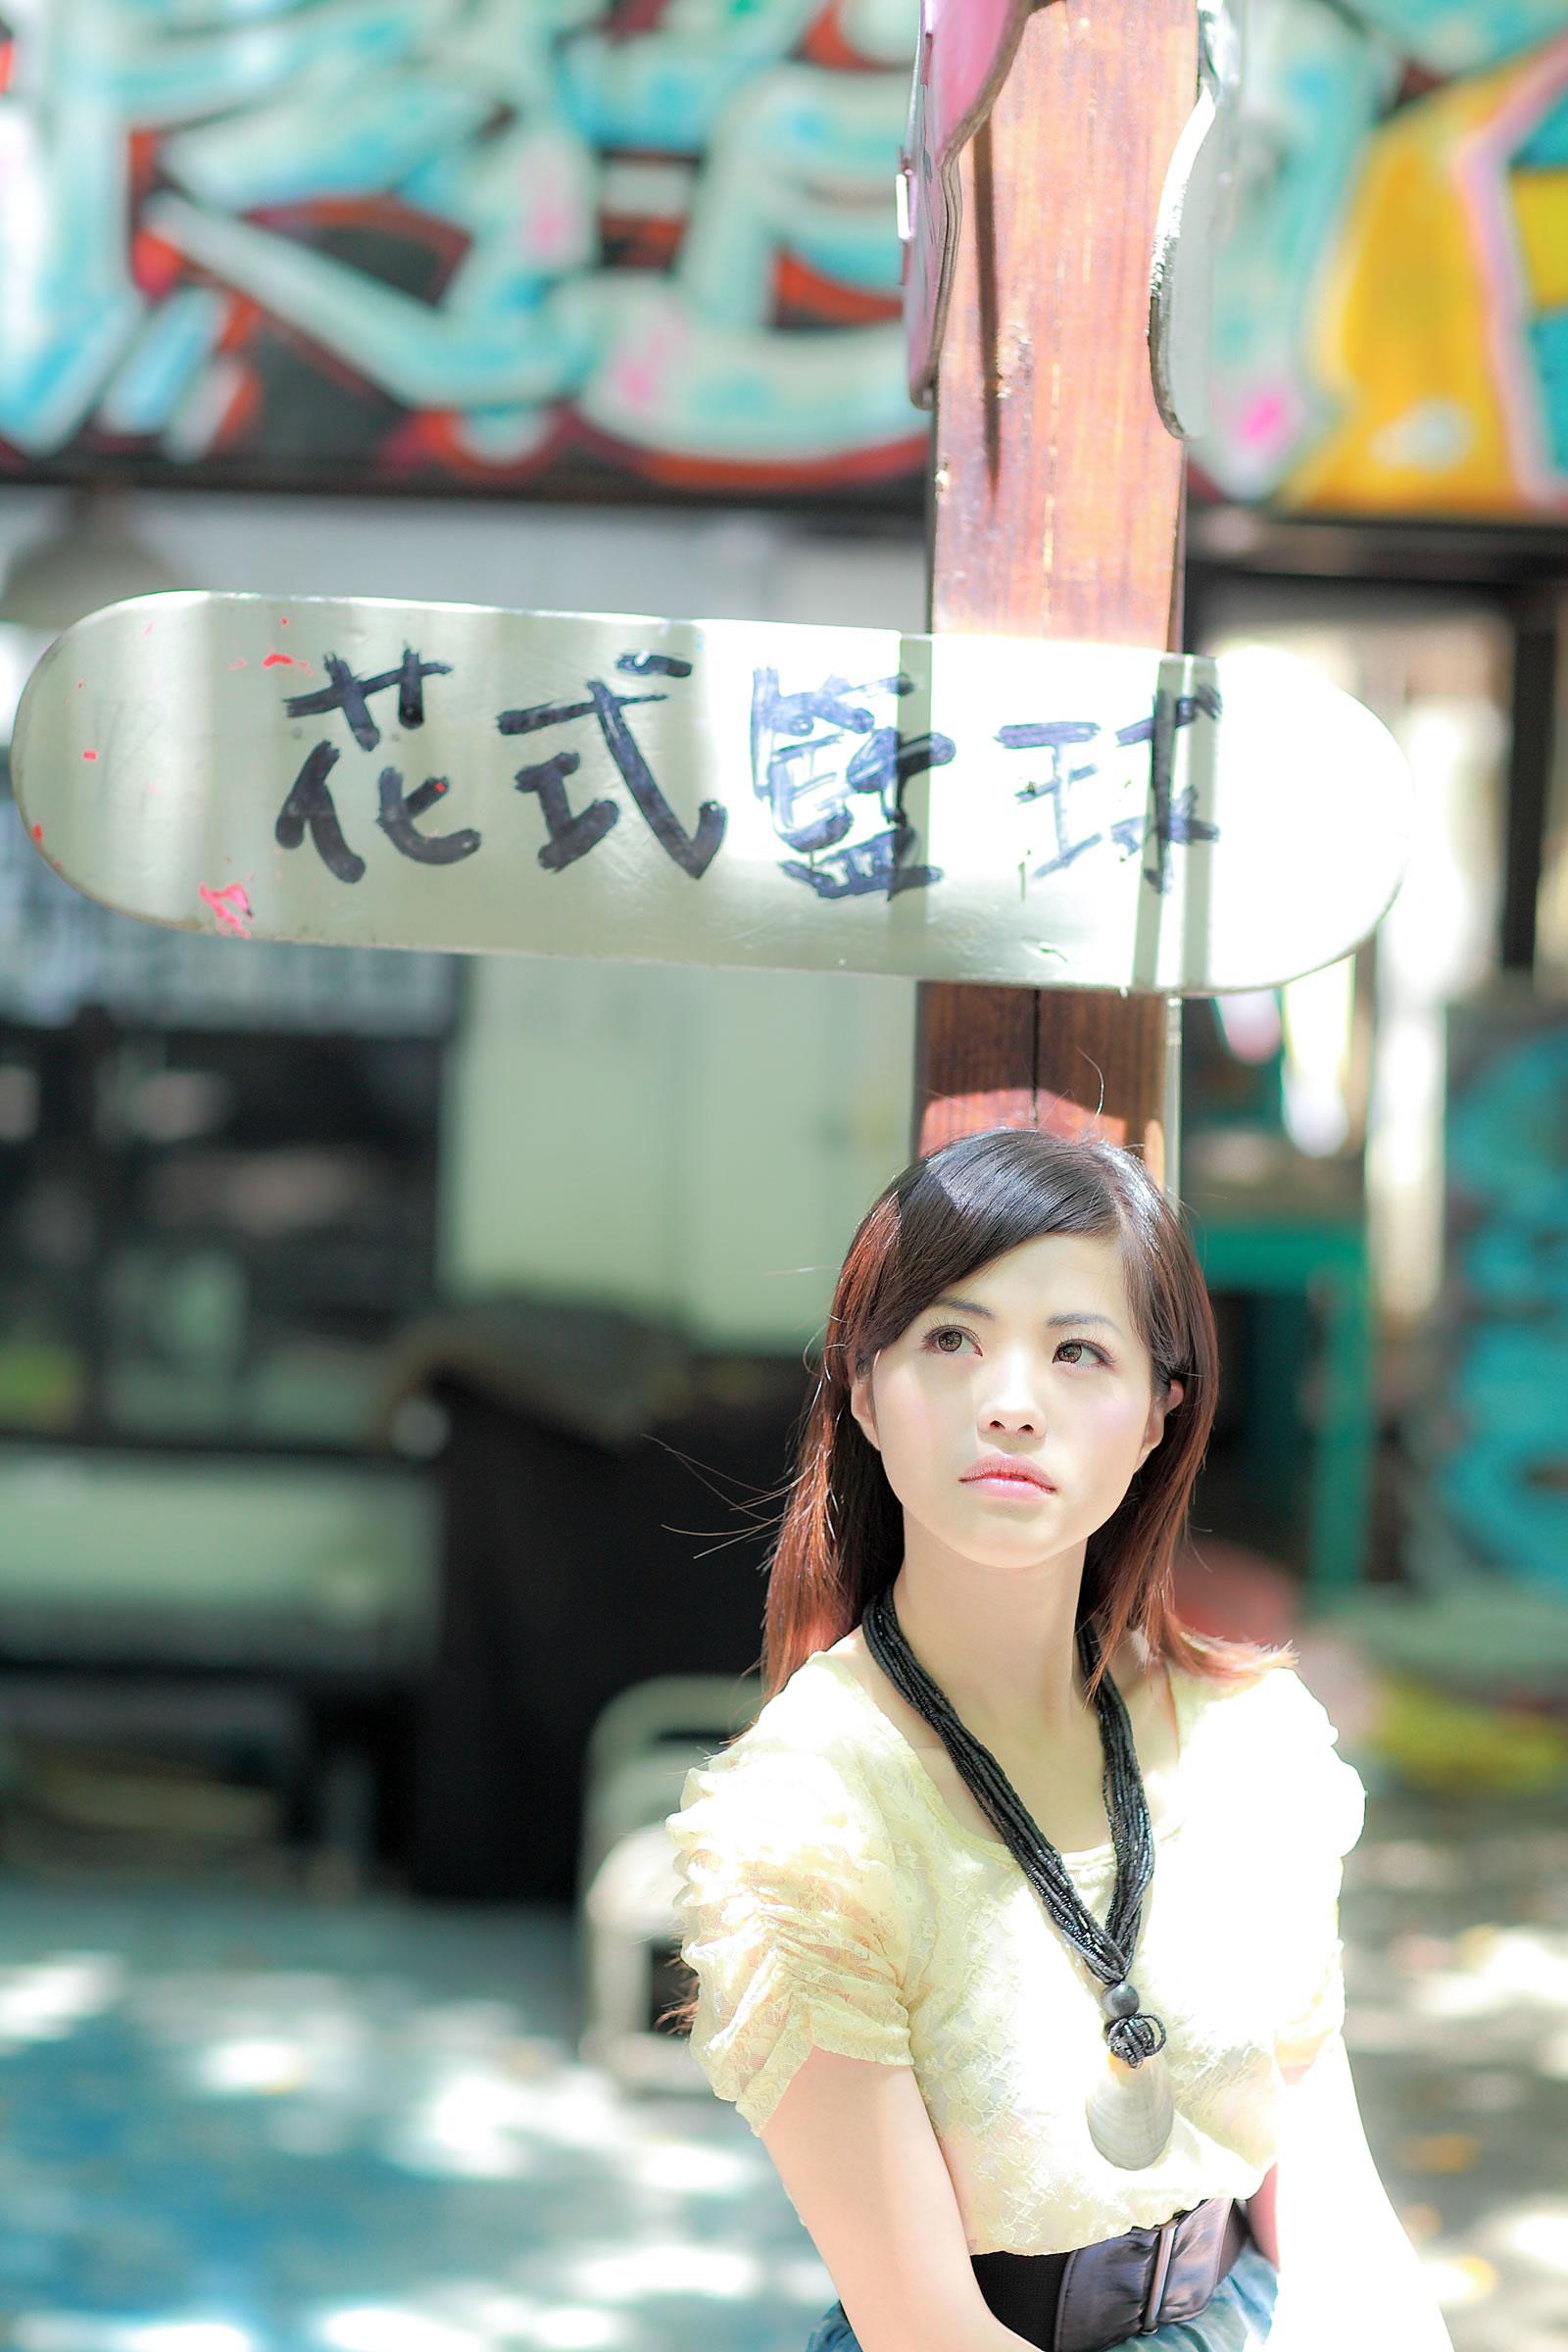 辛芷蕾清新写真楚楚动人[46P]